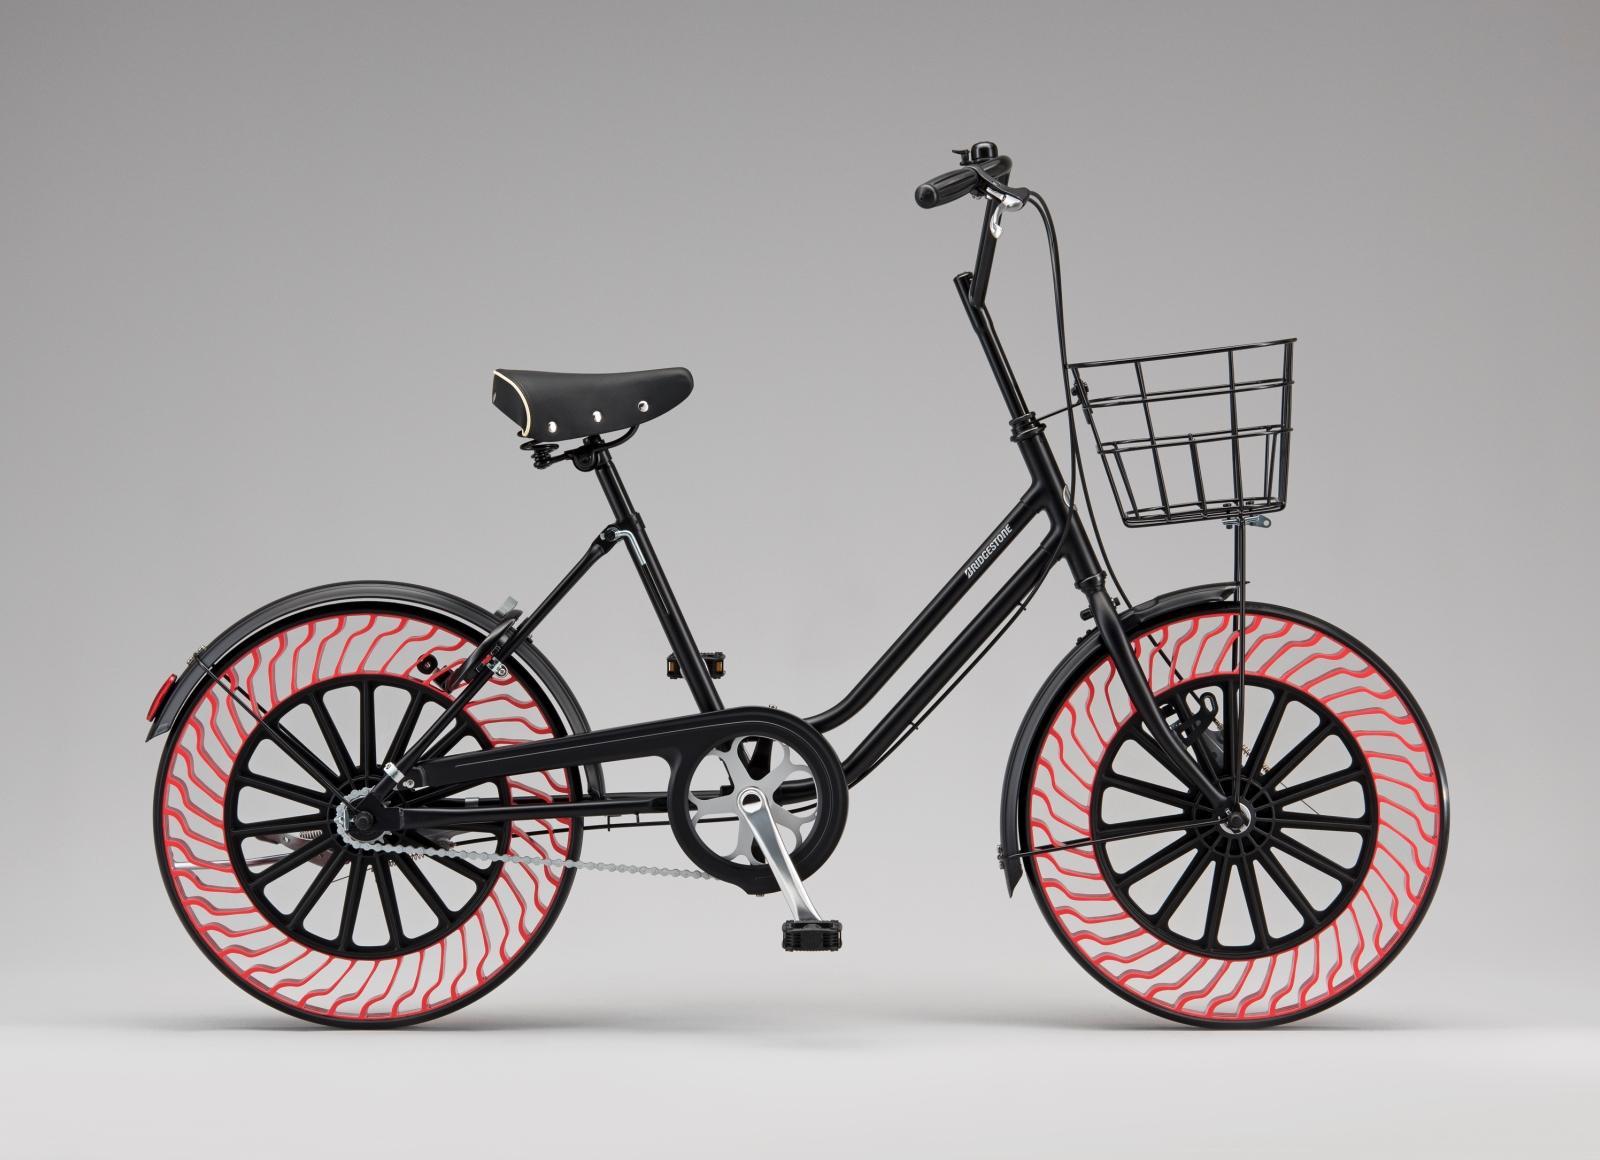 Los neumáticos de bici que no requiere ser hinchados con aire